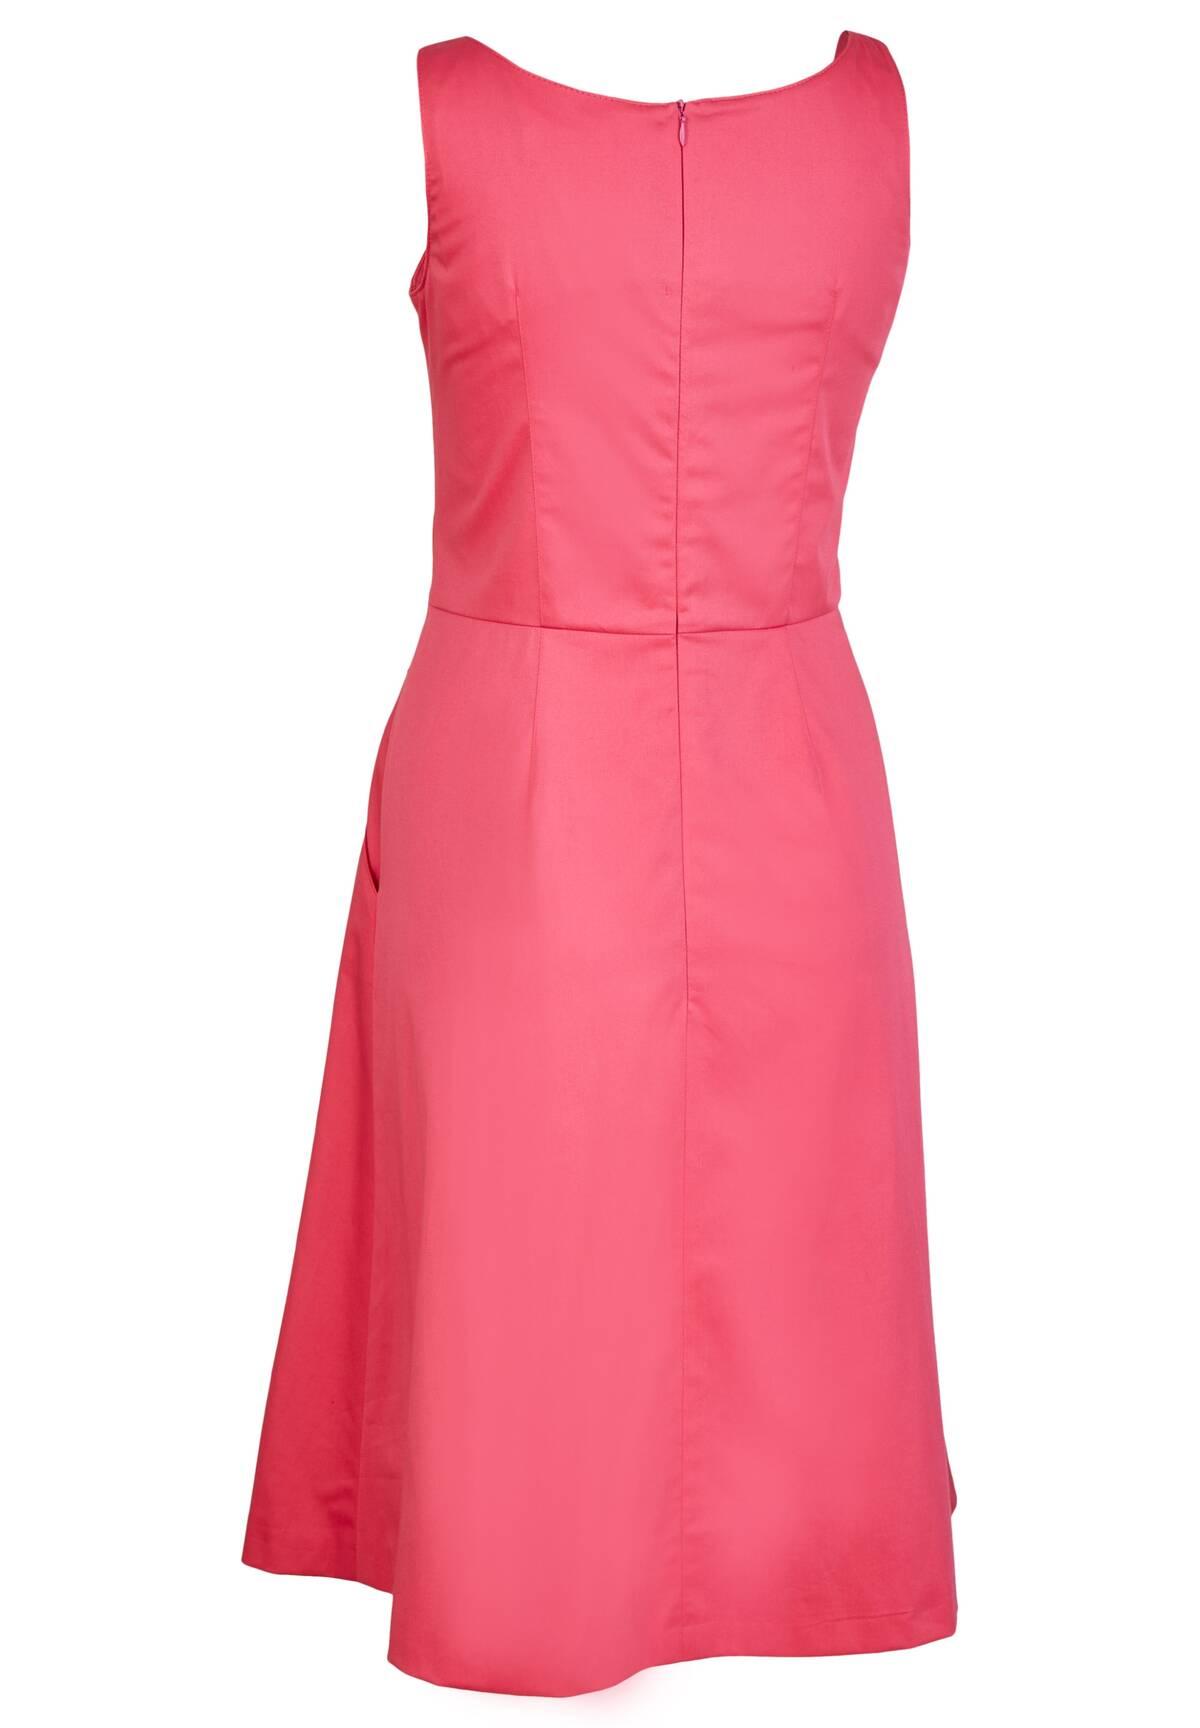 Sommerliches Kleid mit V-Ausschnitt / Dress